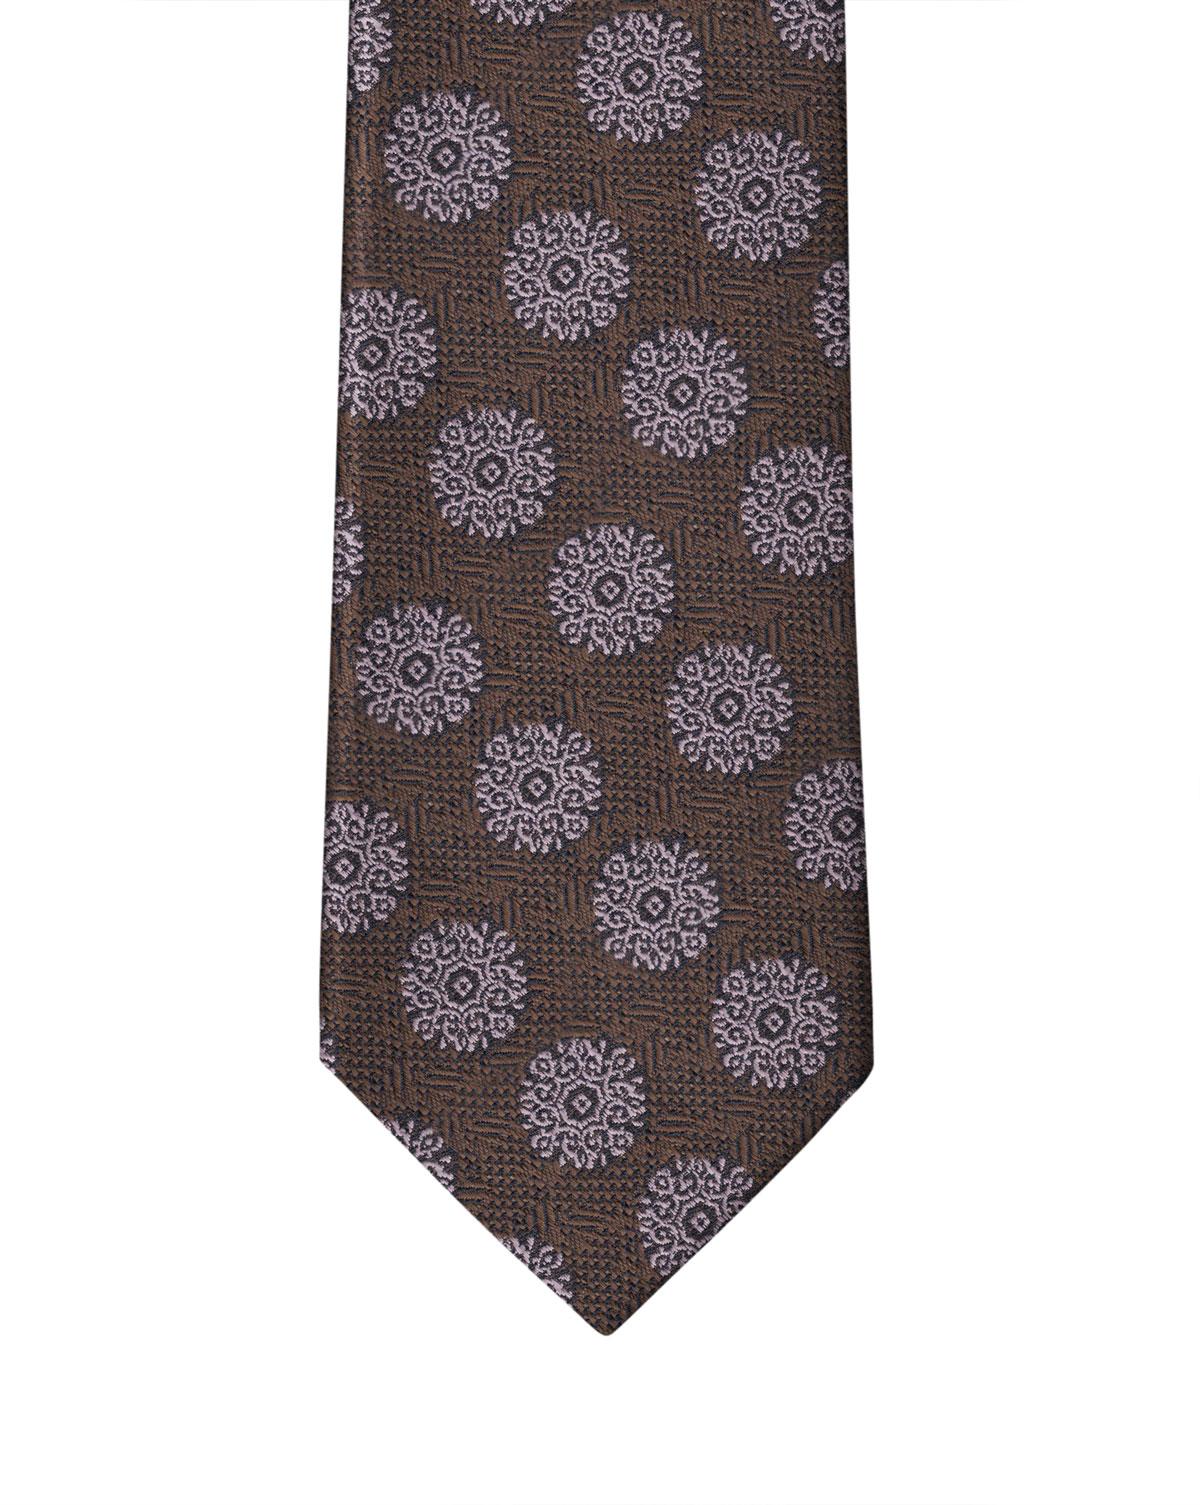 Brown & Mauve Medallion Grenadine Necktie